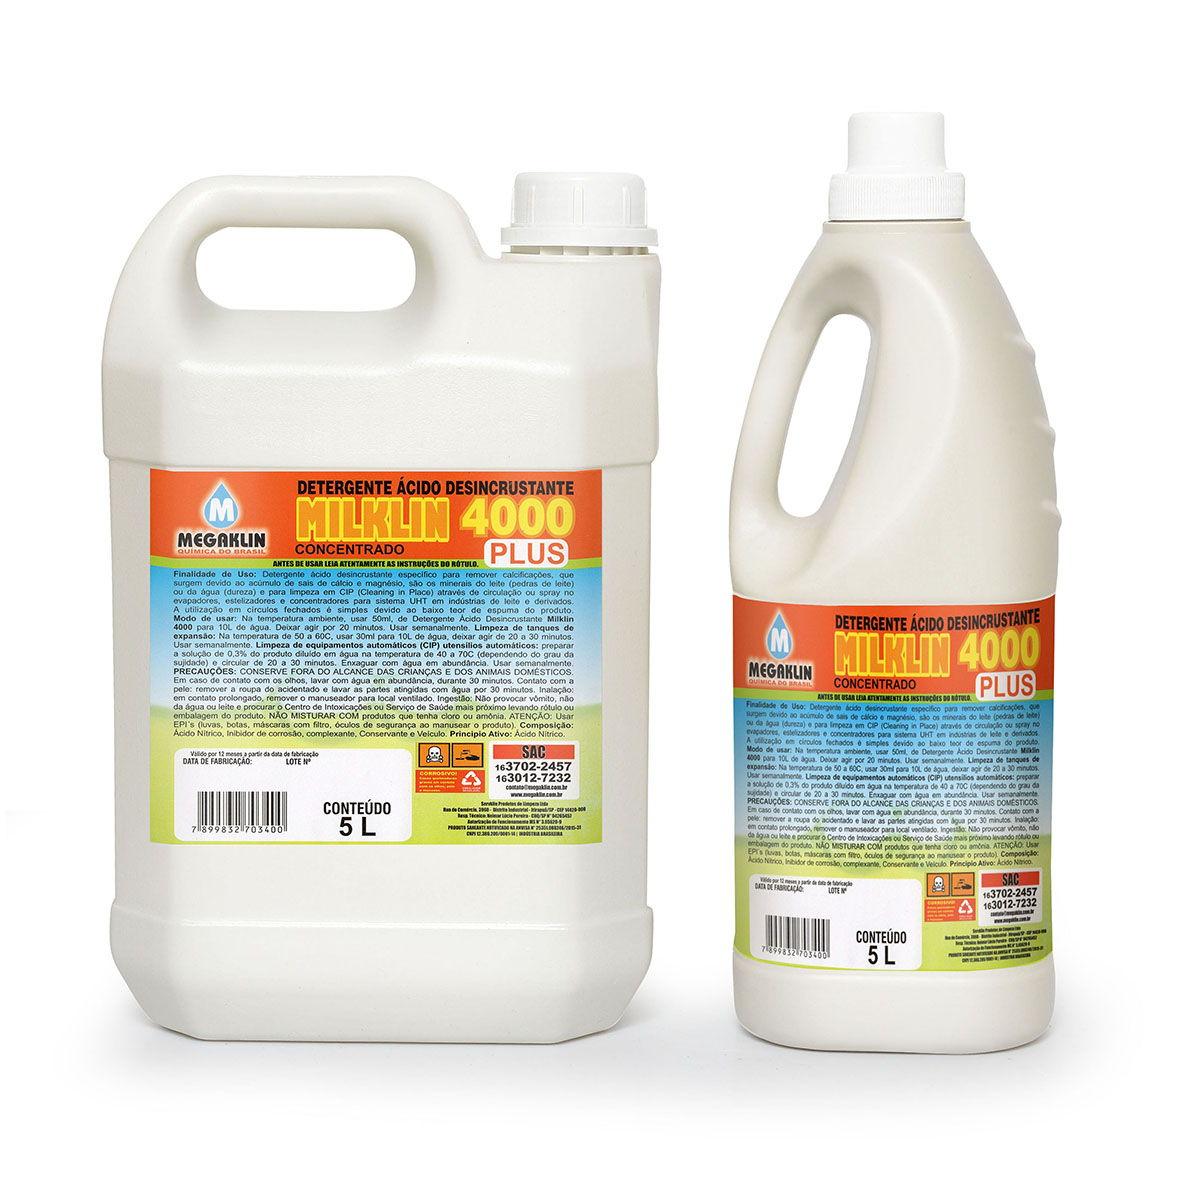 Detergente Ácido Desincrustante Concentrado Milklin 4000 Plus Megaklin